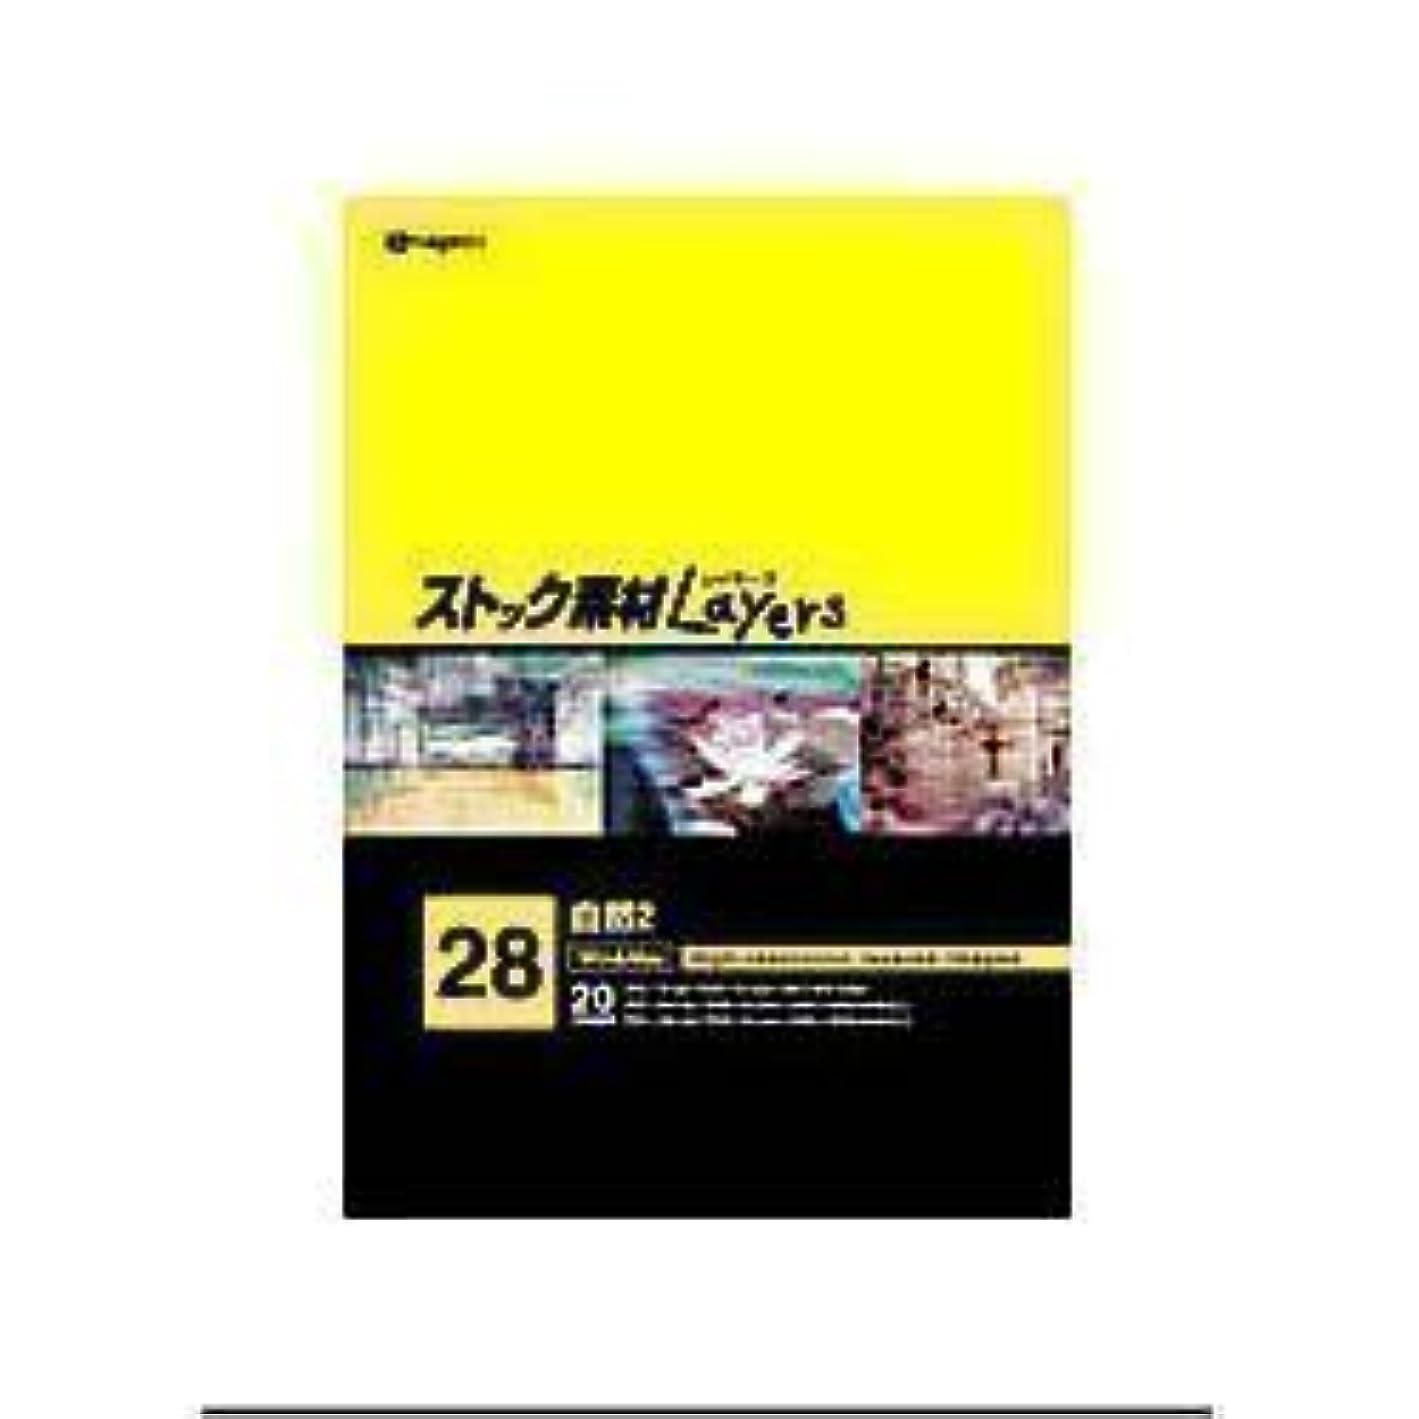 描写アデレードパッケージストック素材Layers28 自然2